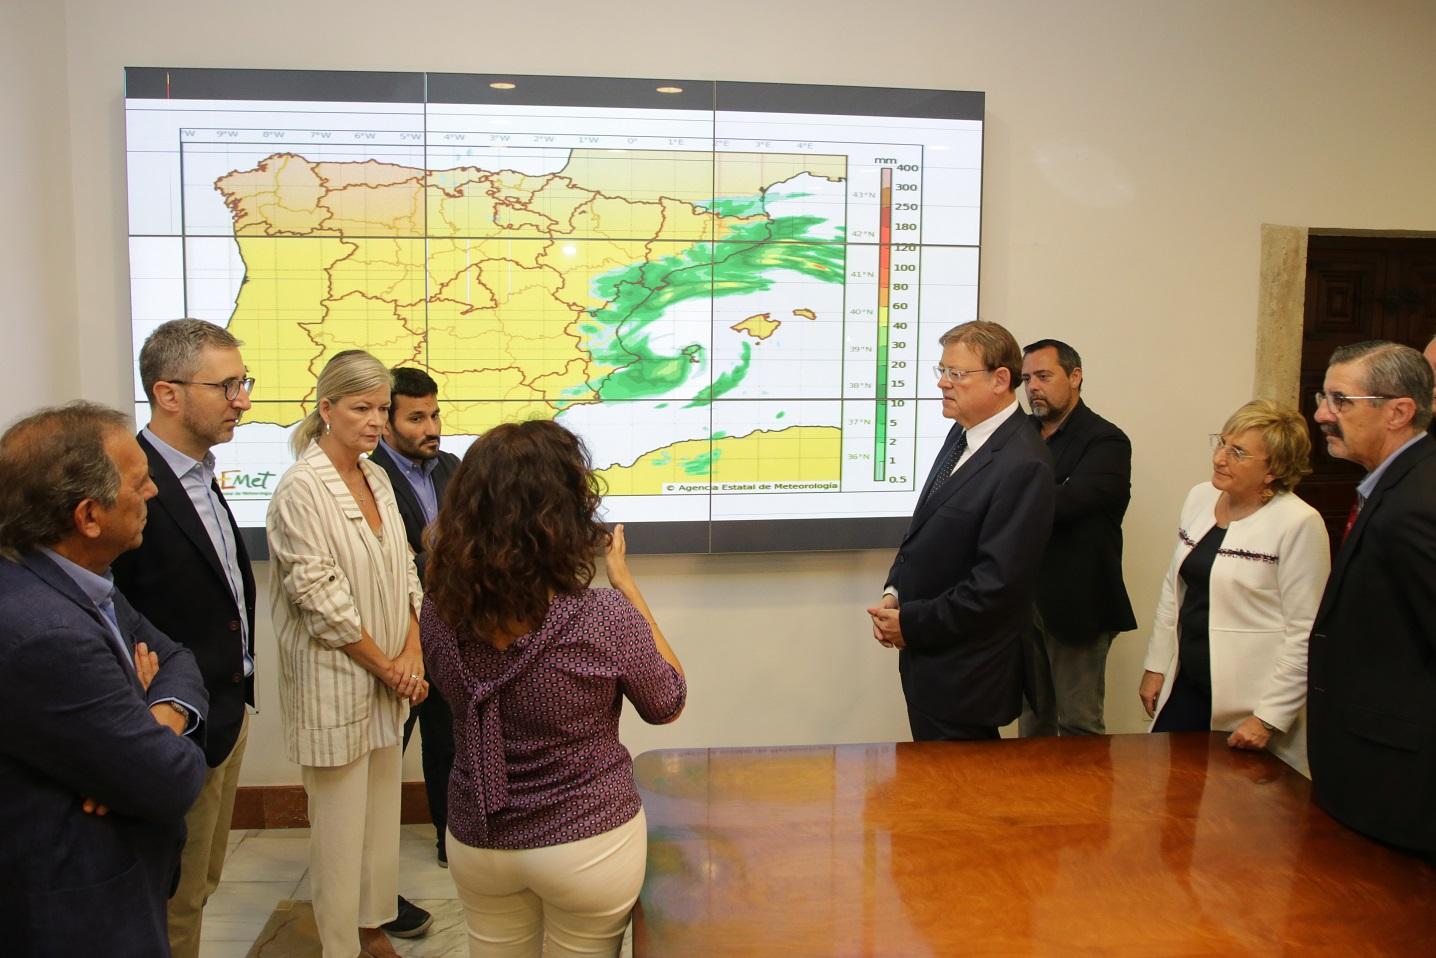 El president de la Generalitat ha mantenido una reunión para coordinar las actuaciones ante el temporal de lluvias con la asistencia de los titulares de Justicia e Interior, Educación, Sanidad y Política Territorial.